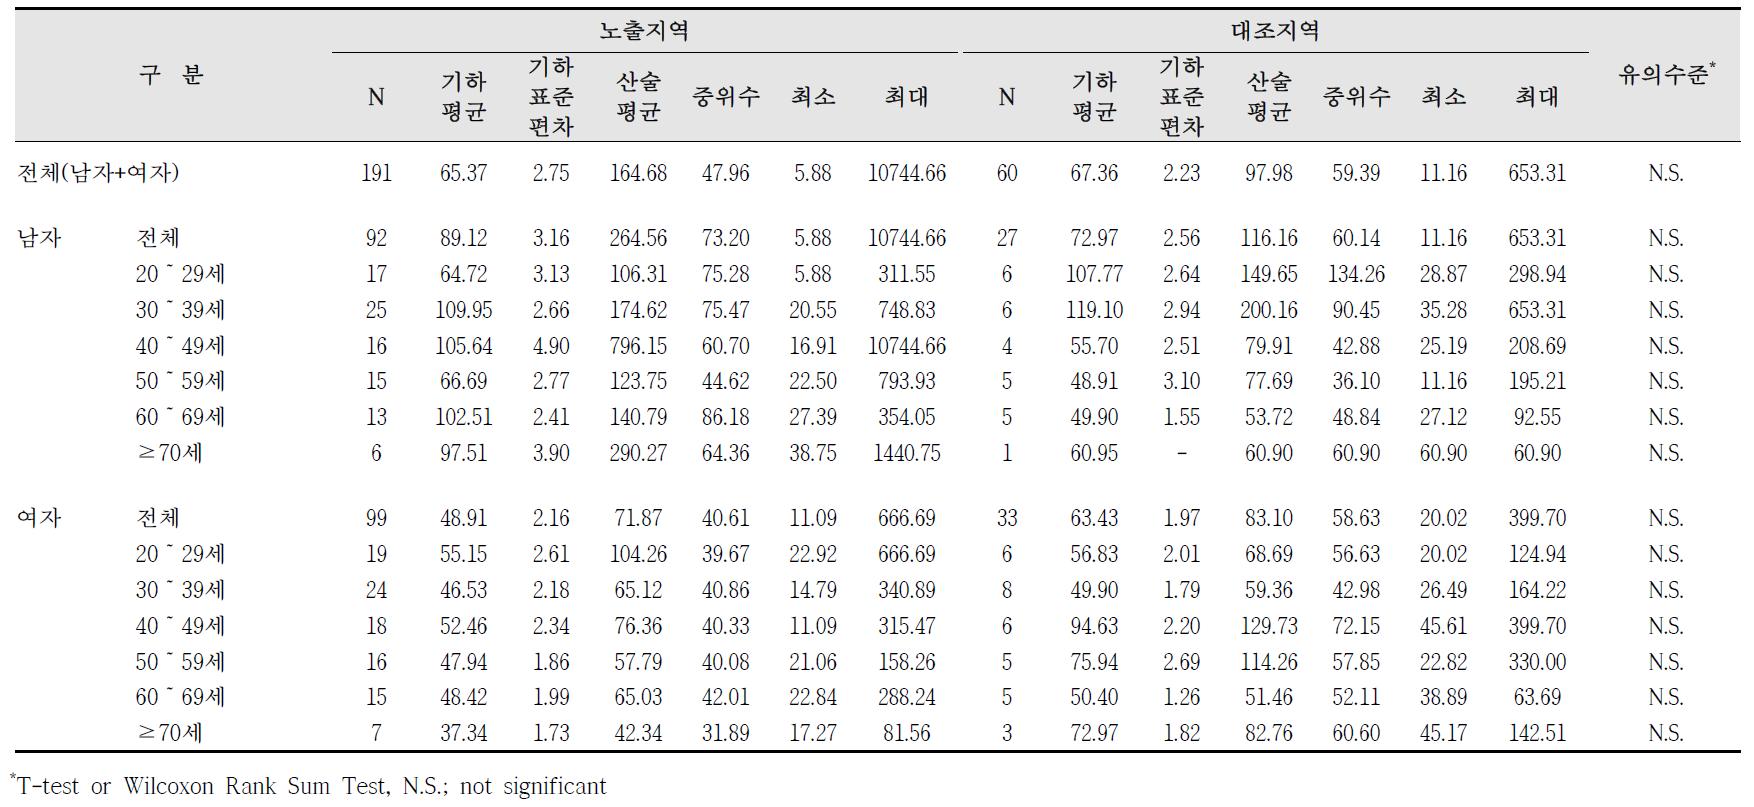 청주산업단지 요중 p-MHA 농도 비교